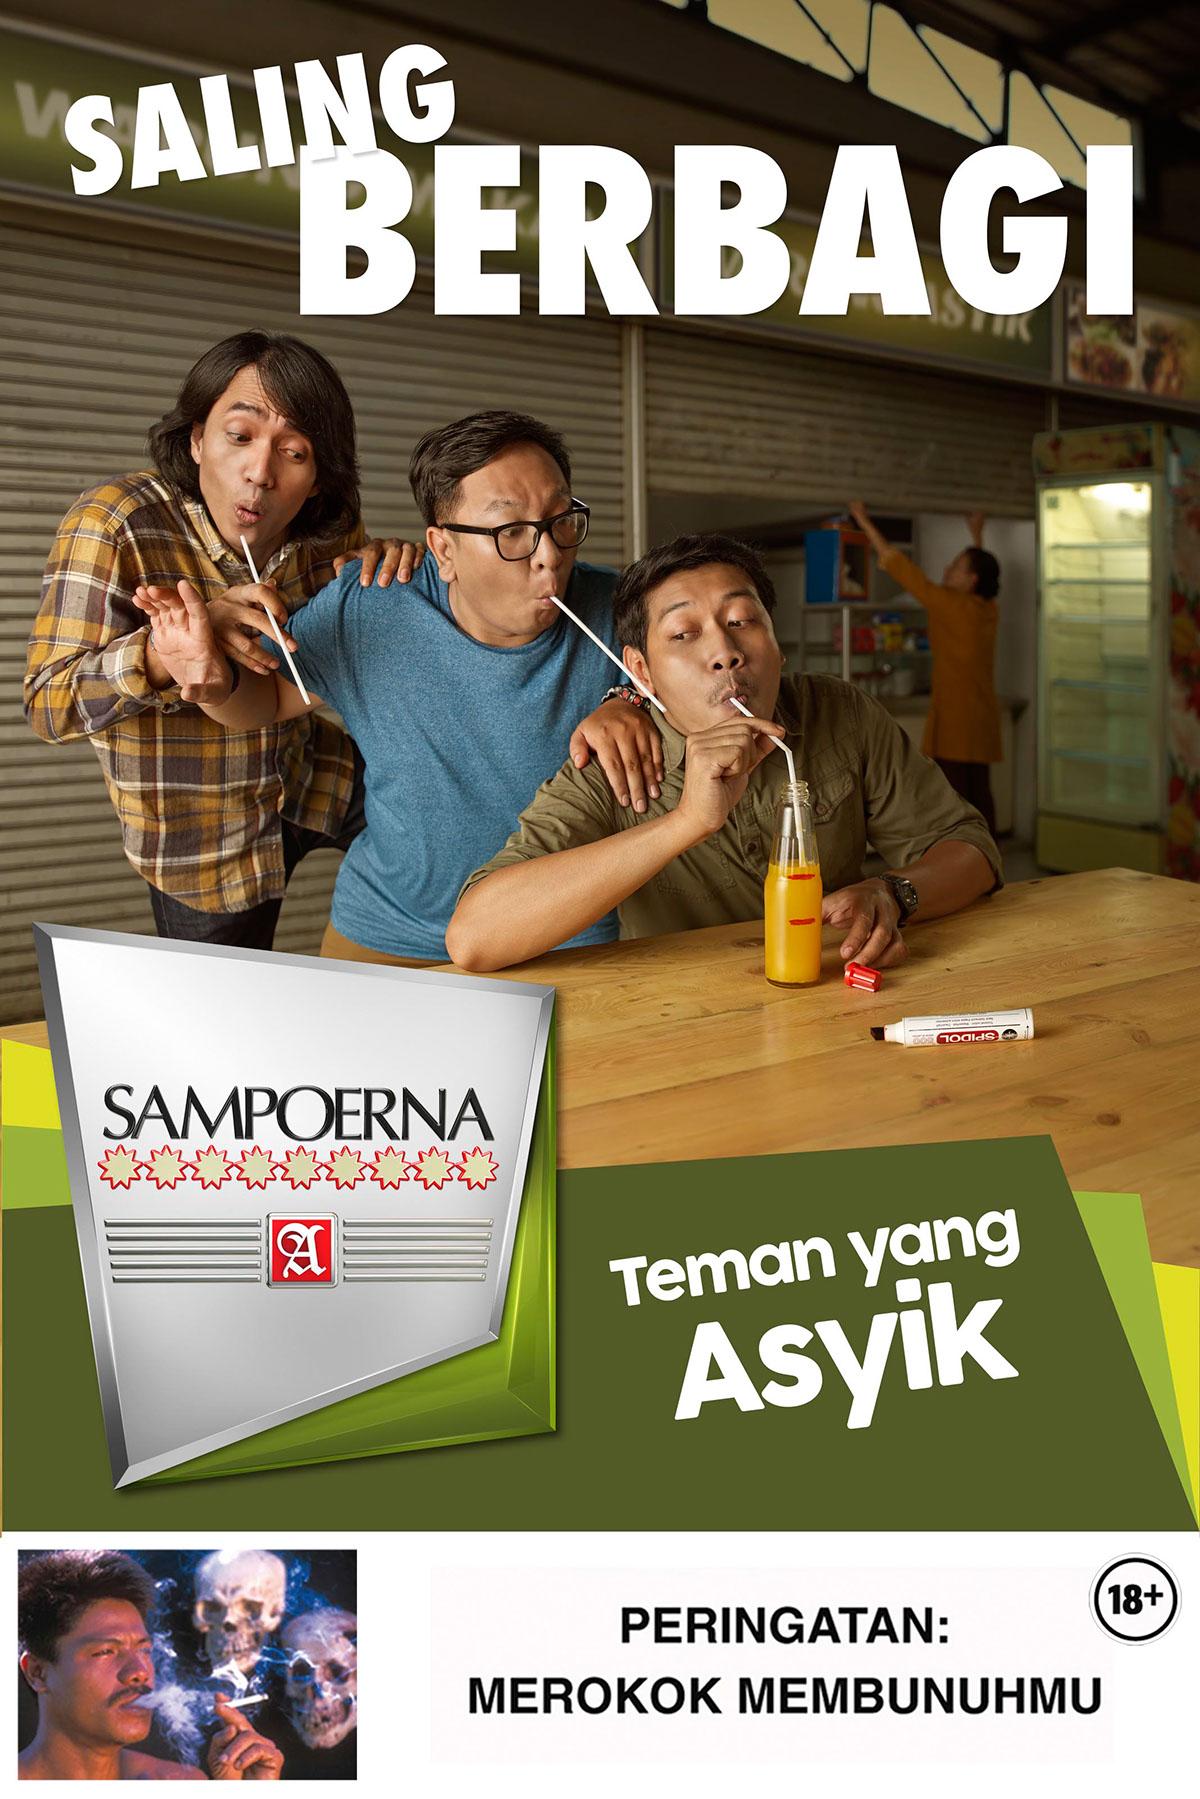 Sampoerna Hijau Campaign On Behance